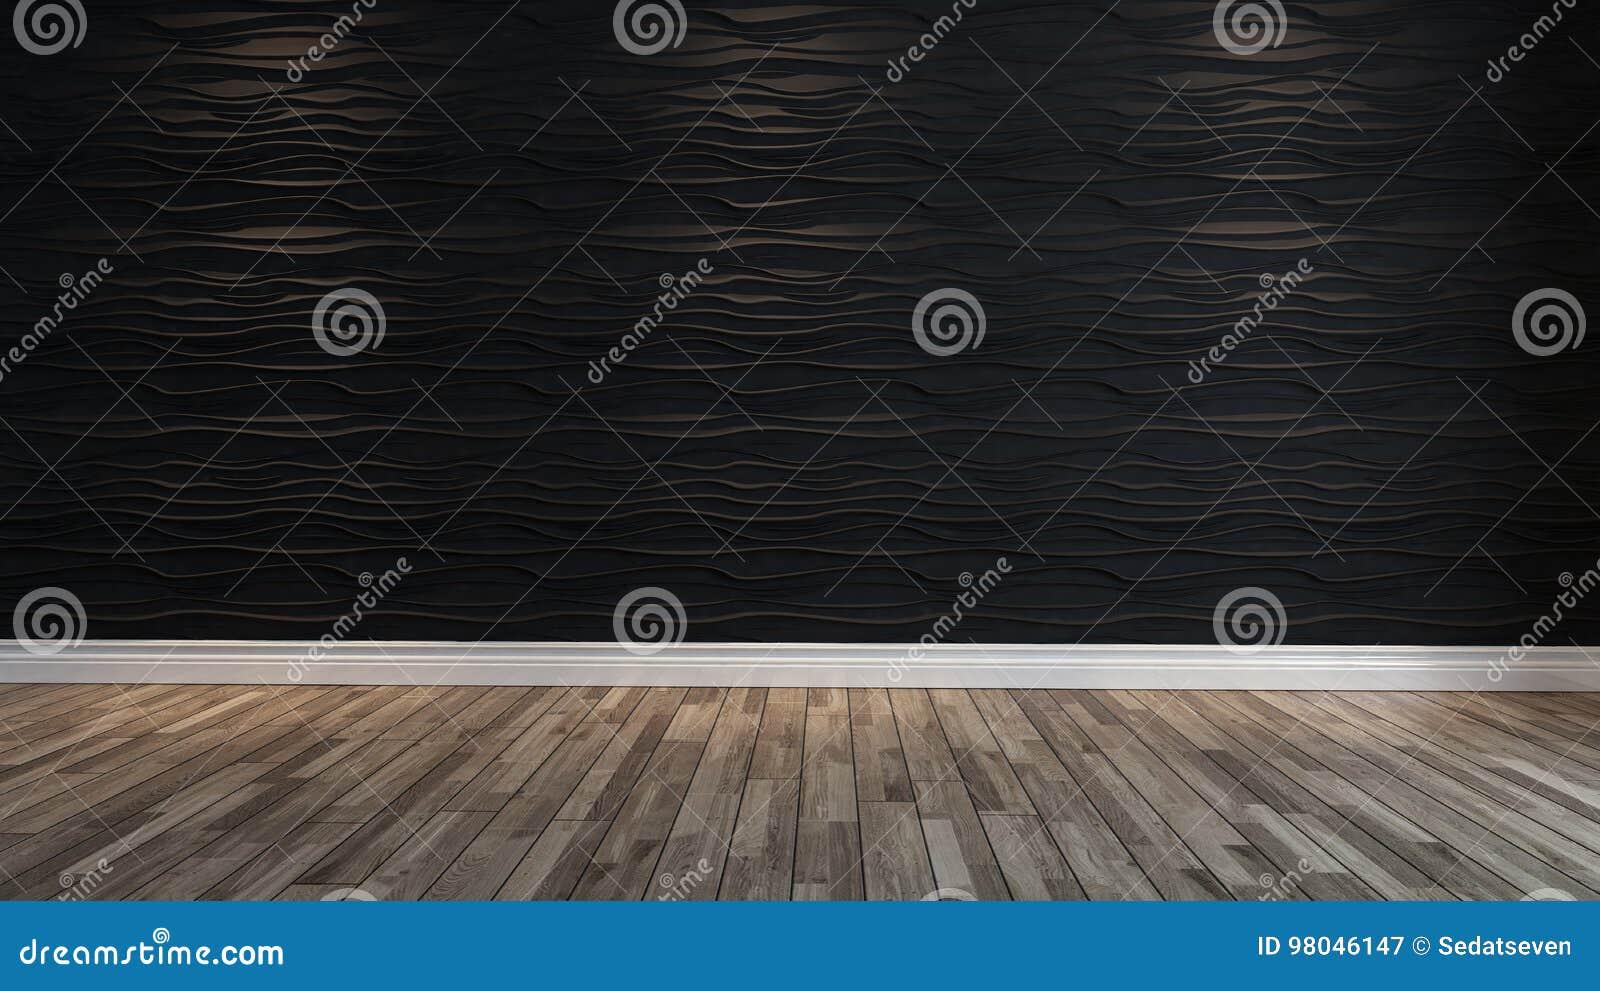 Leere Schwarze Wellenwand Mit Scheinwerferlicht Stockbild - Bild von ...